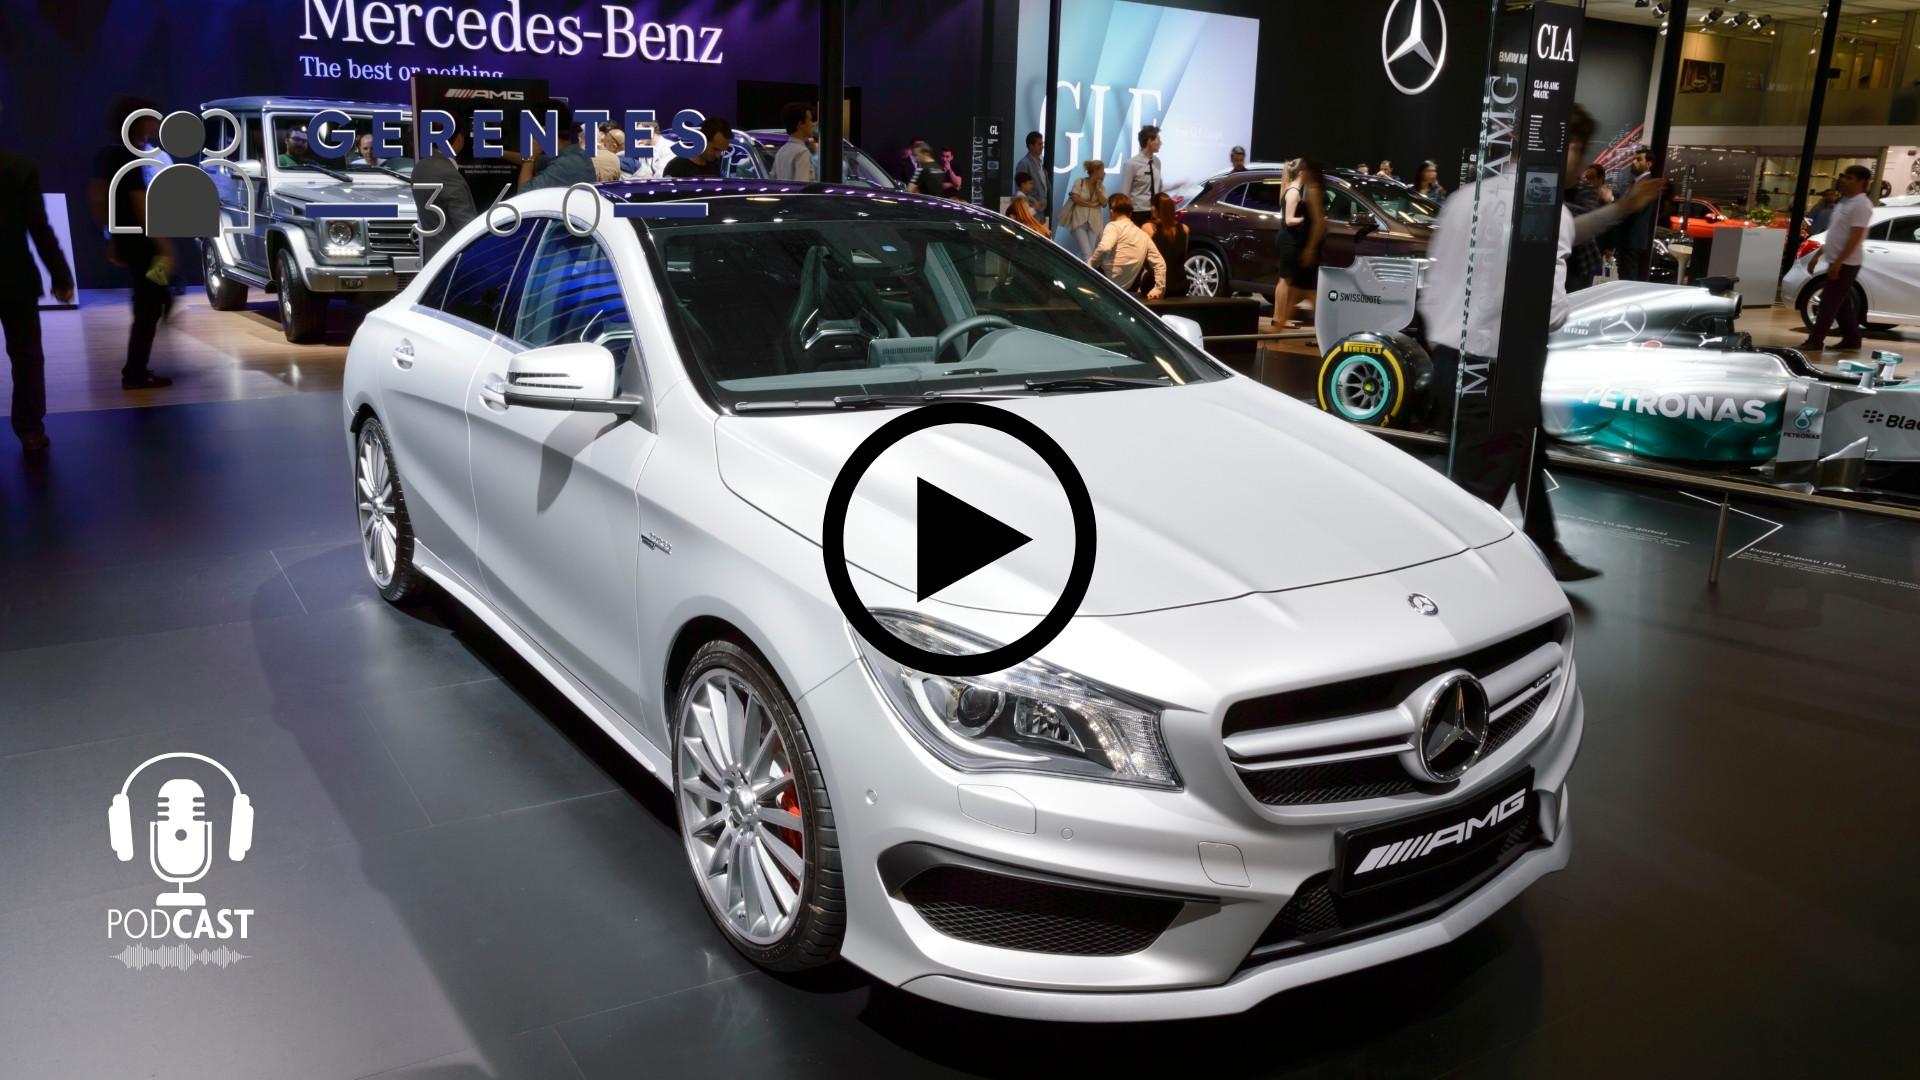 Mercedes-Benz se volverá una empresa de vehículos eléctricos y China impondría multa histórica a Didi